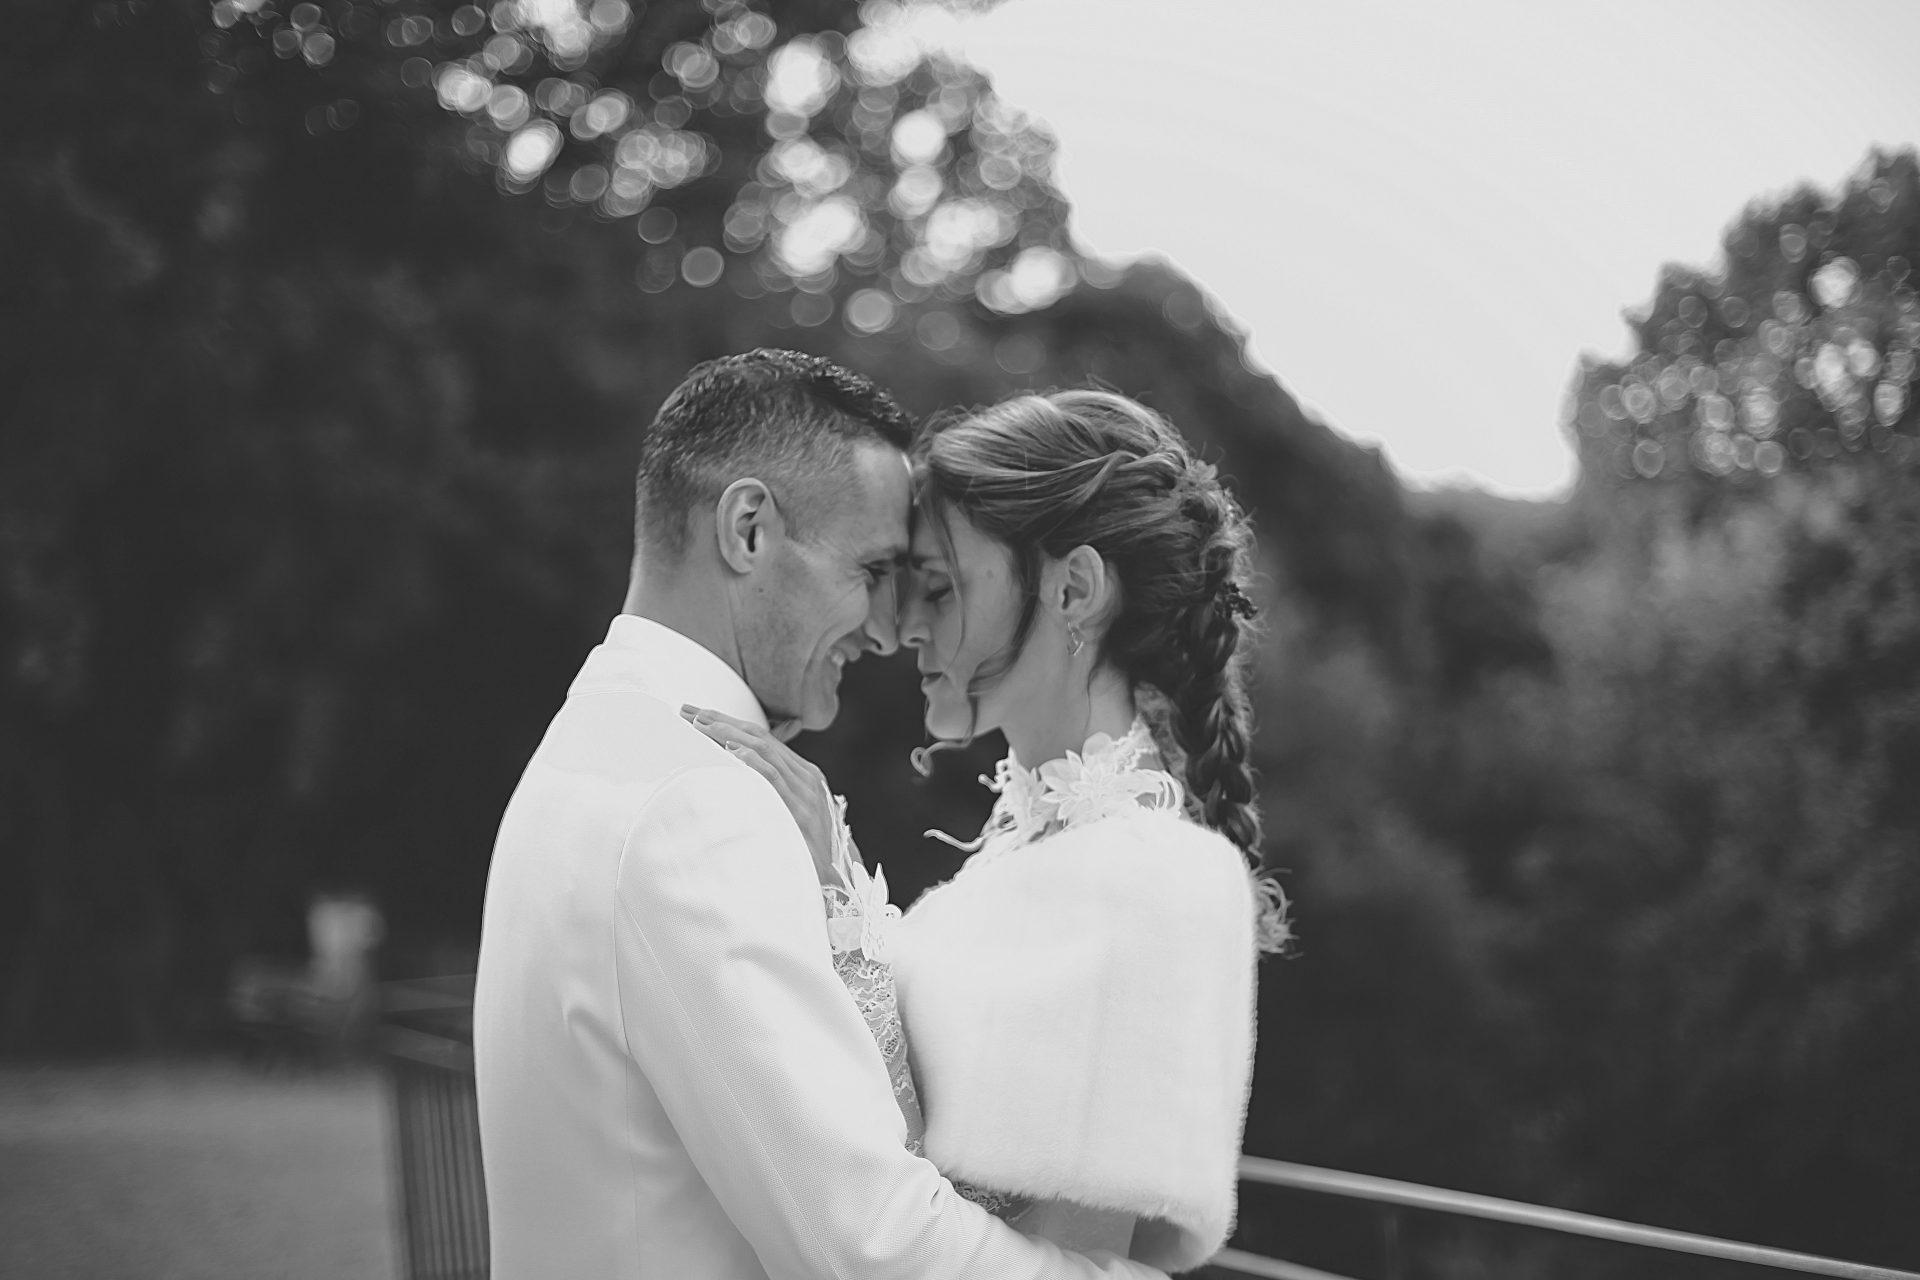 Sterenn Officiante cérémonie - mariage Elodie et Ben - Domaine de la Chasse